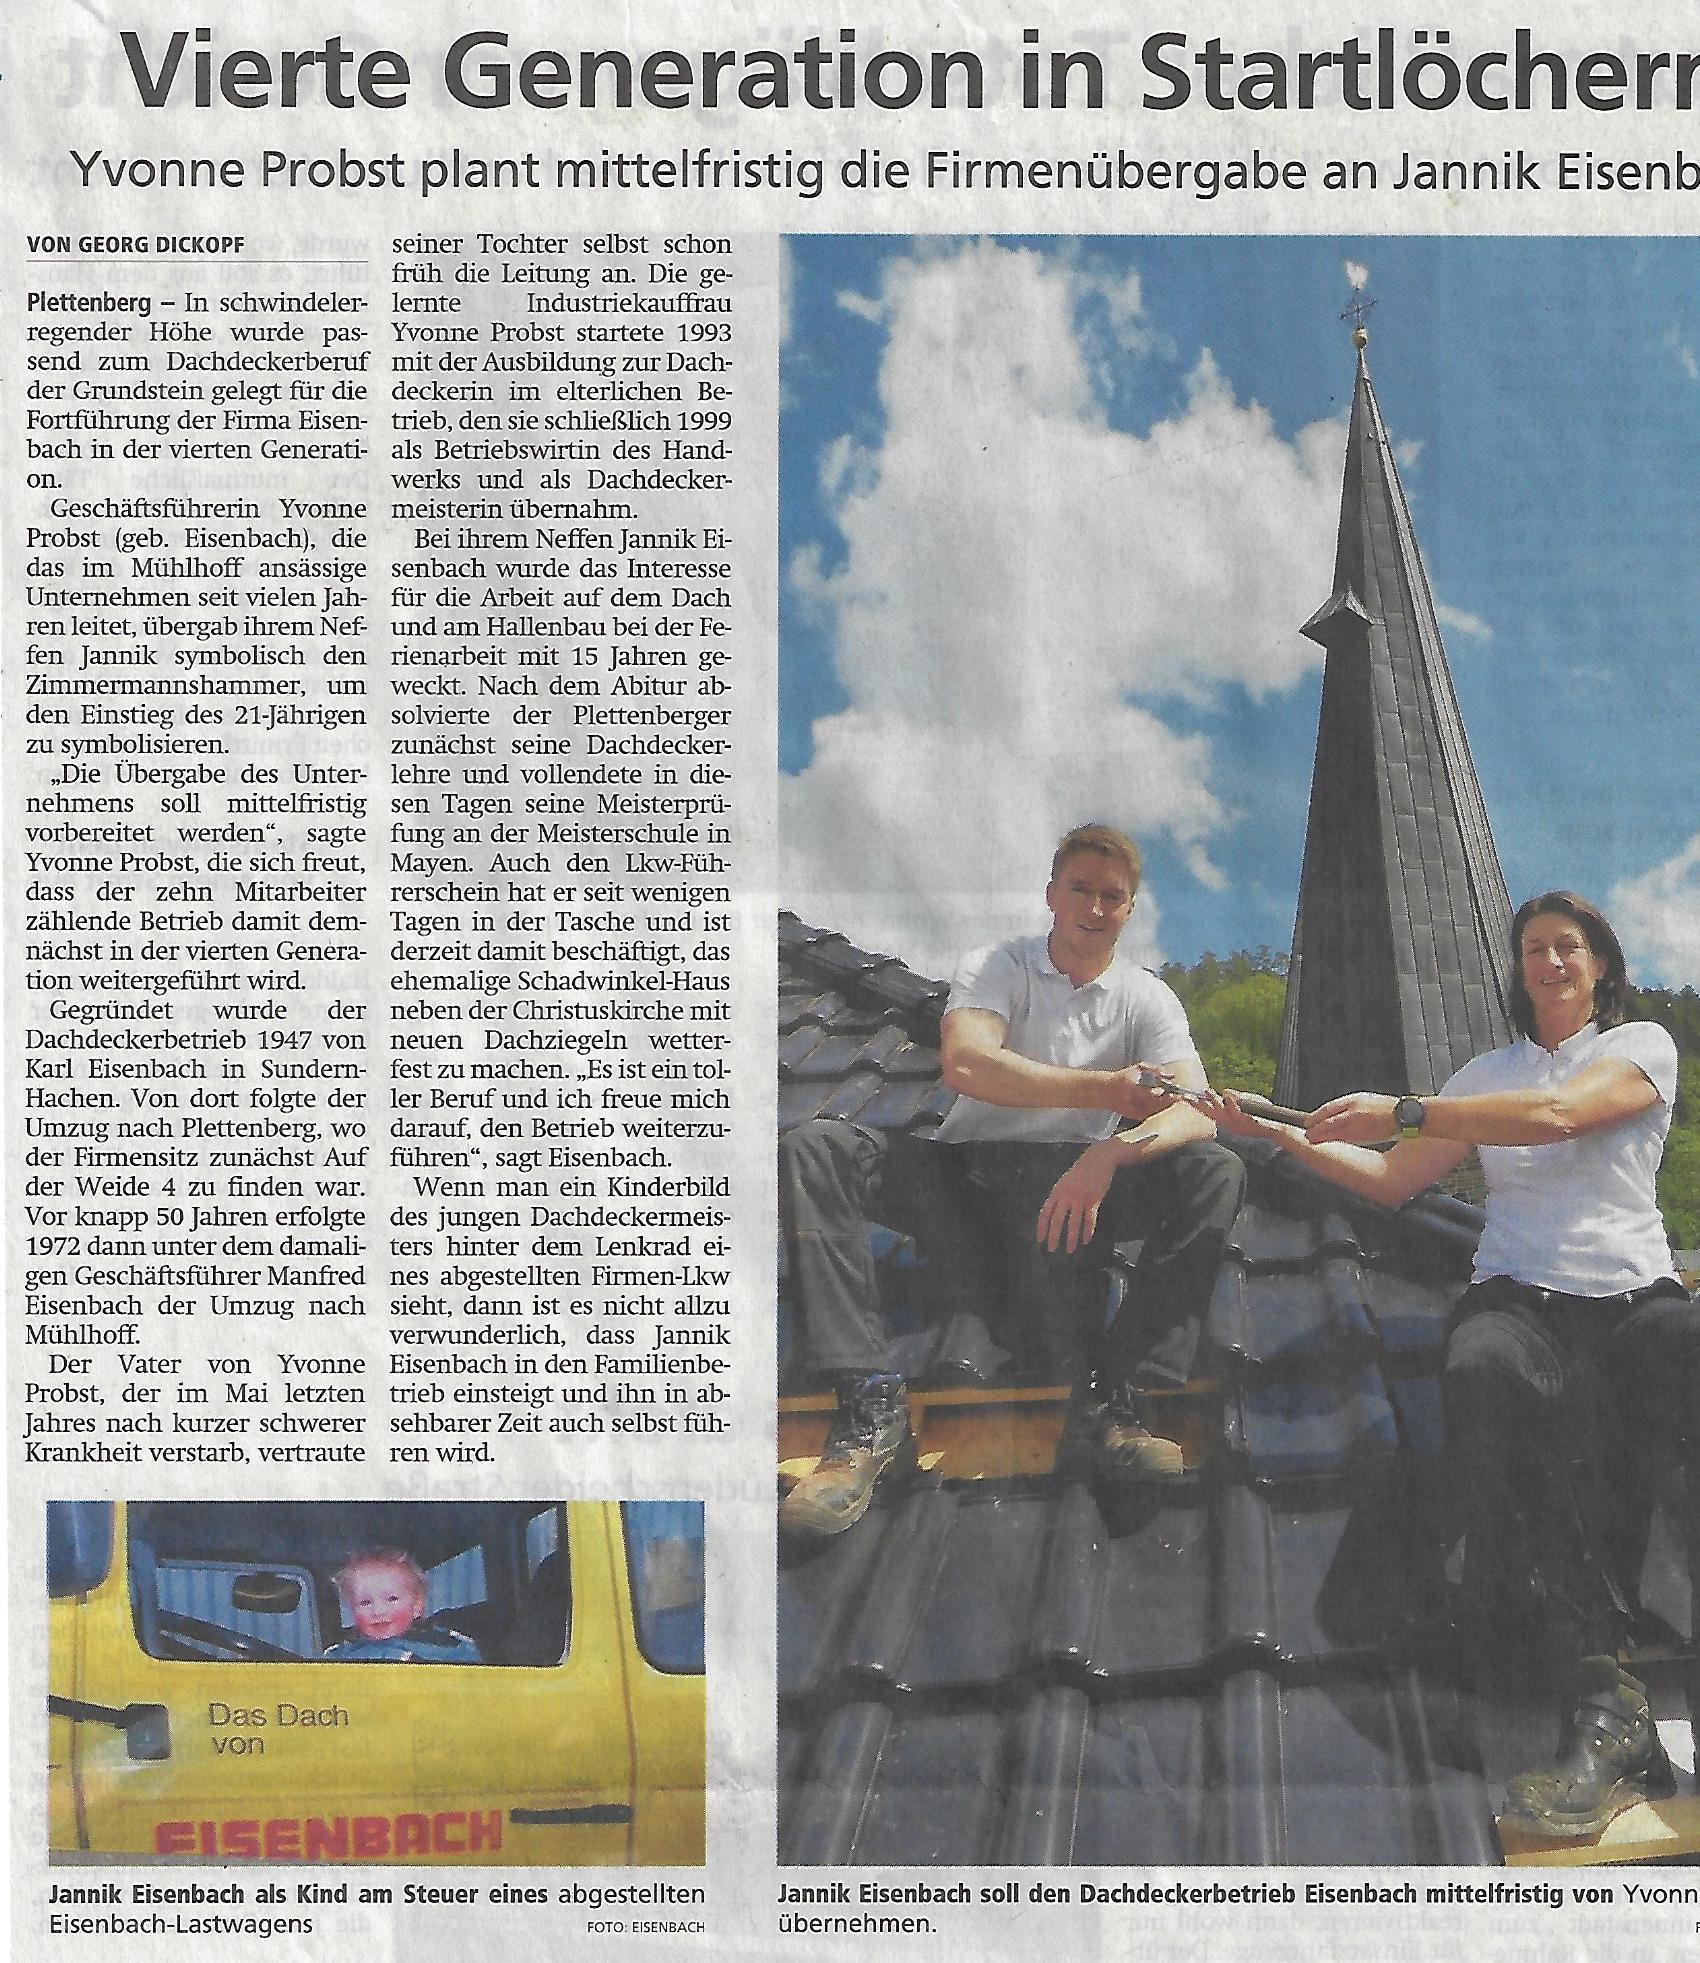 Vierte Generation in den Startlöchern - Zeitungsbericht